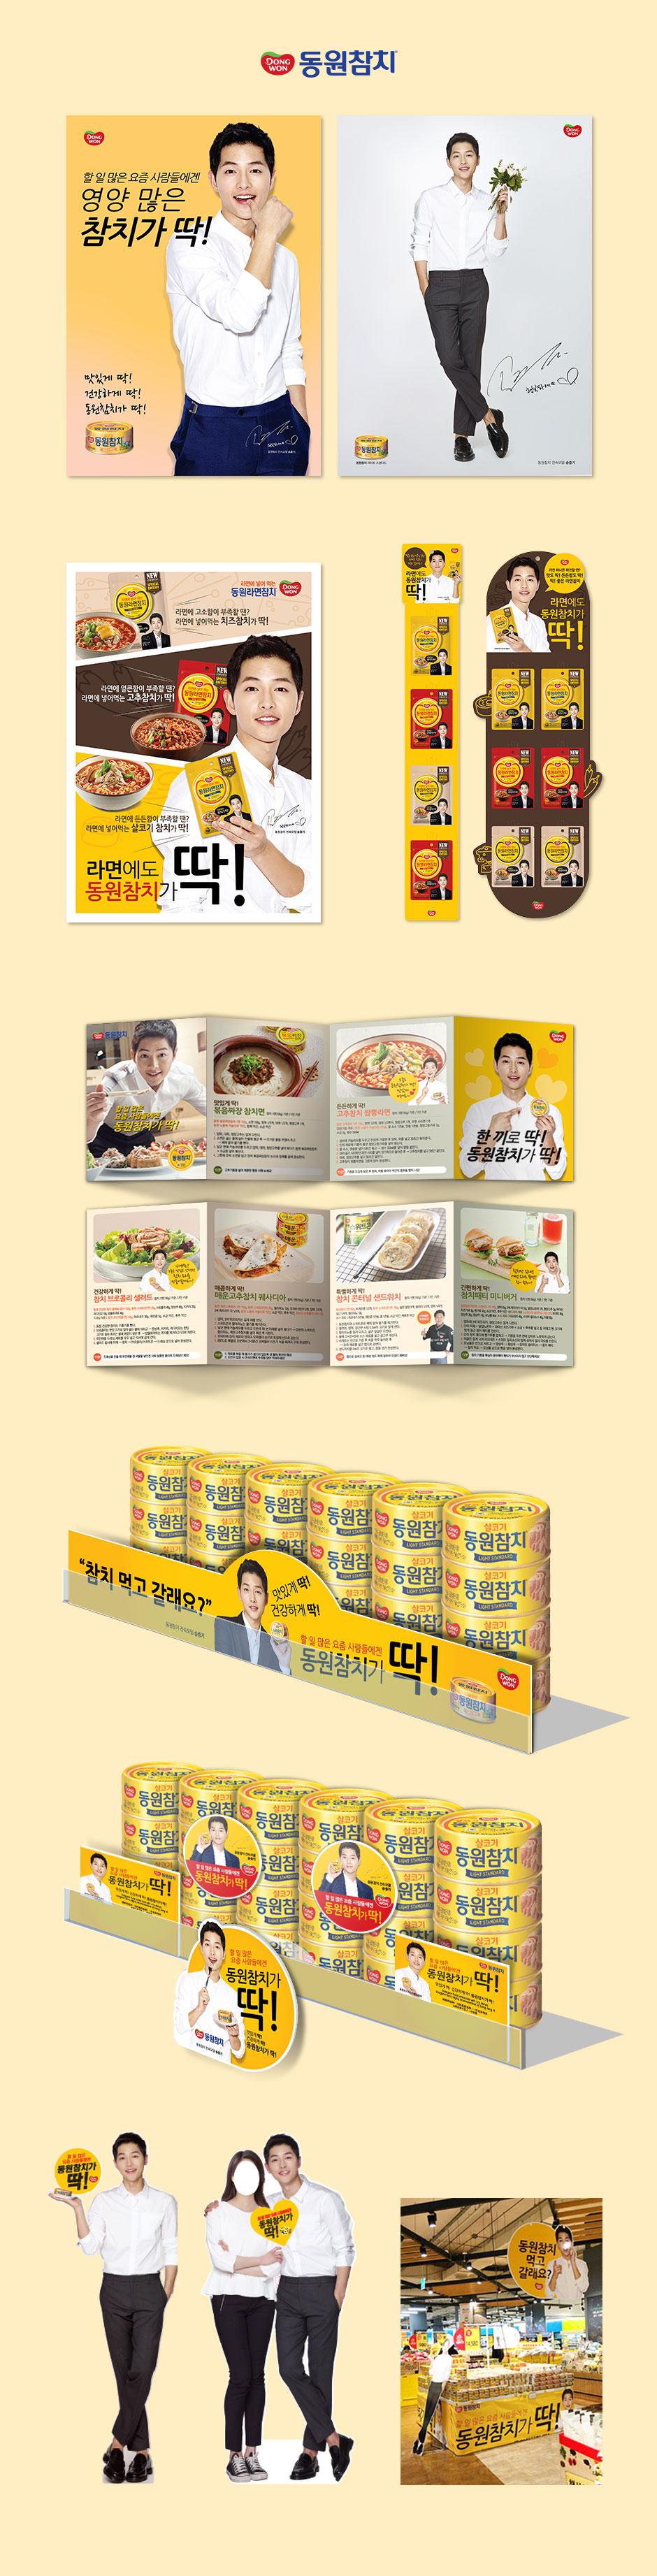 Dongwon FnB Tuna 2016